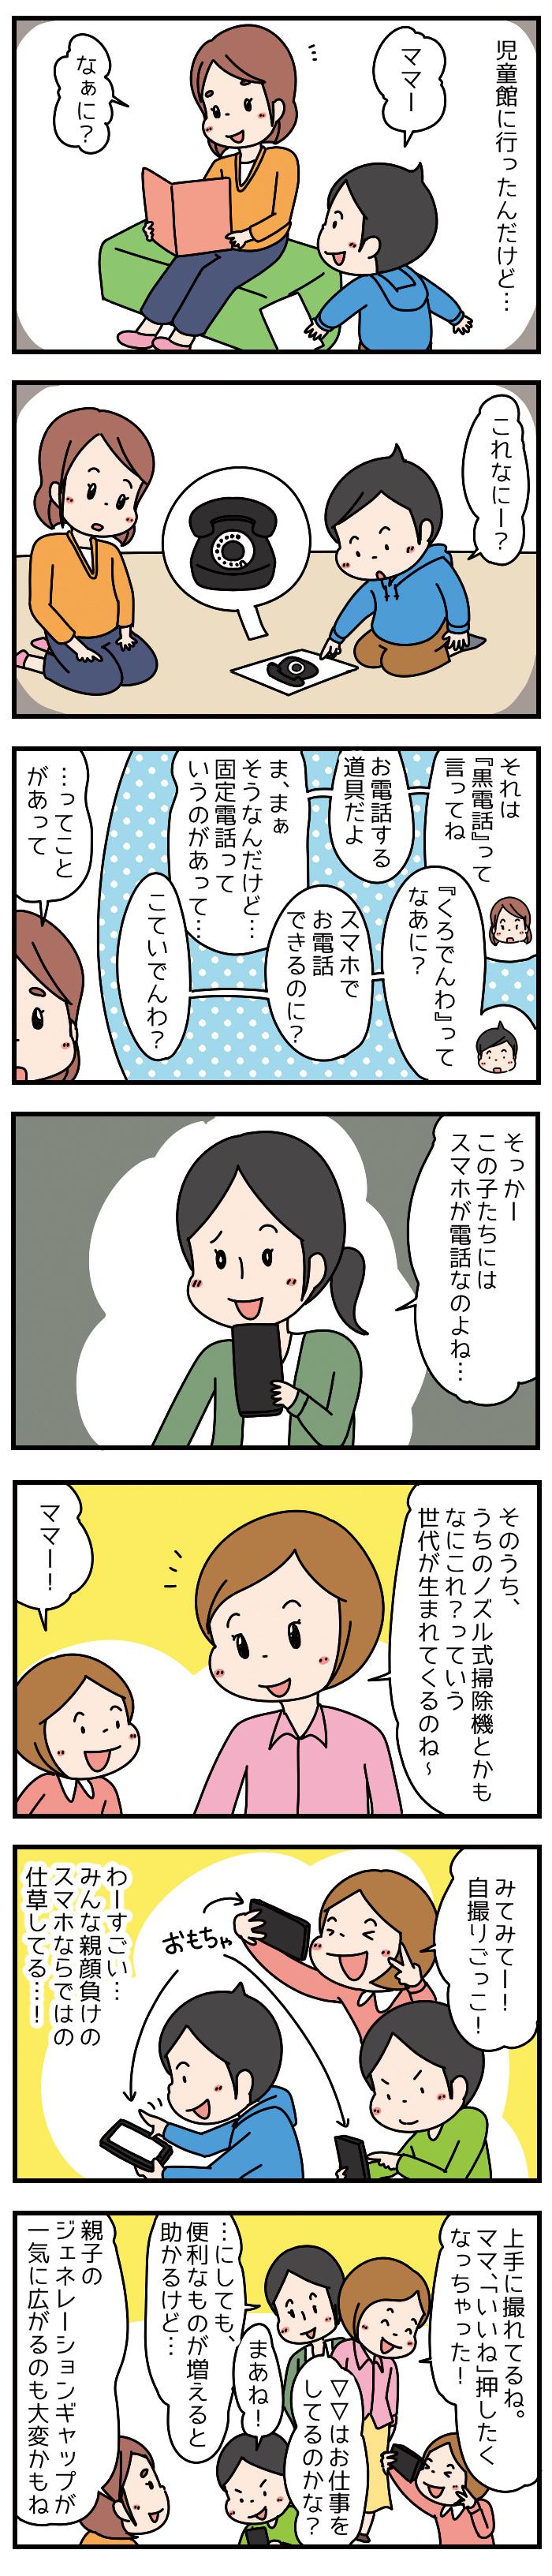 時計を読むよりSiriに頼む!デジタル世代の子だな〜と思った出来事の画像3